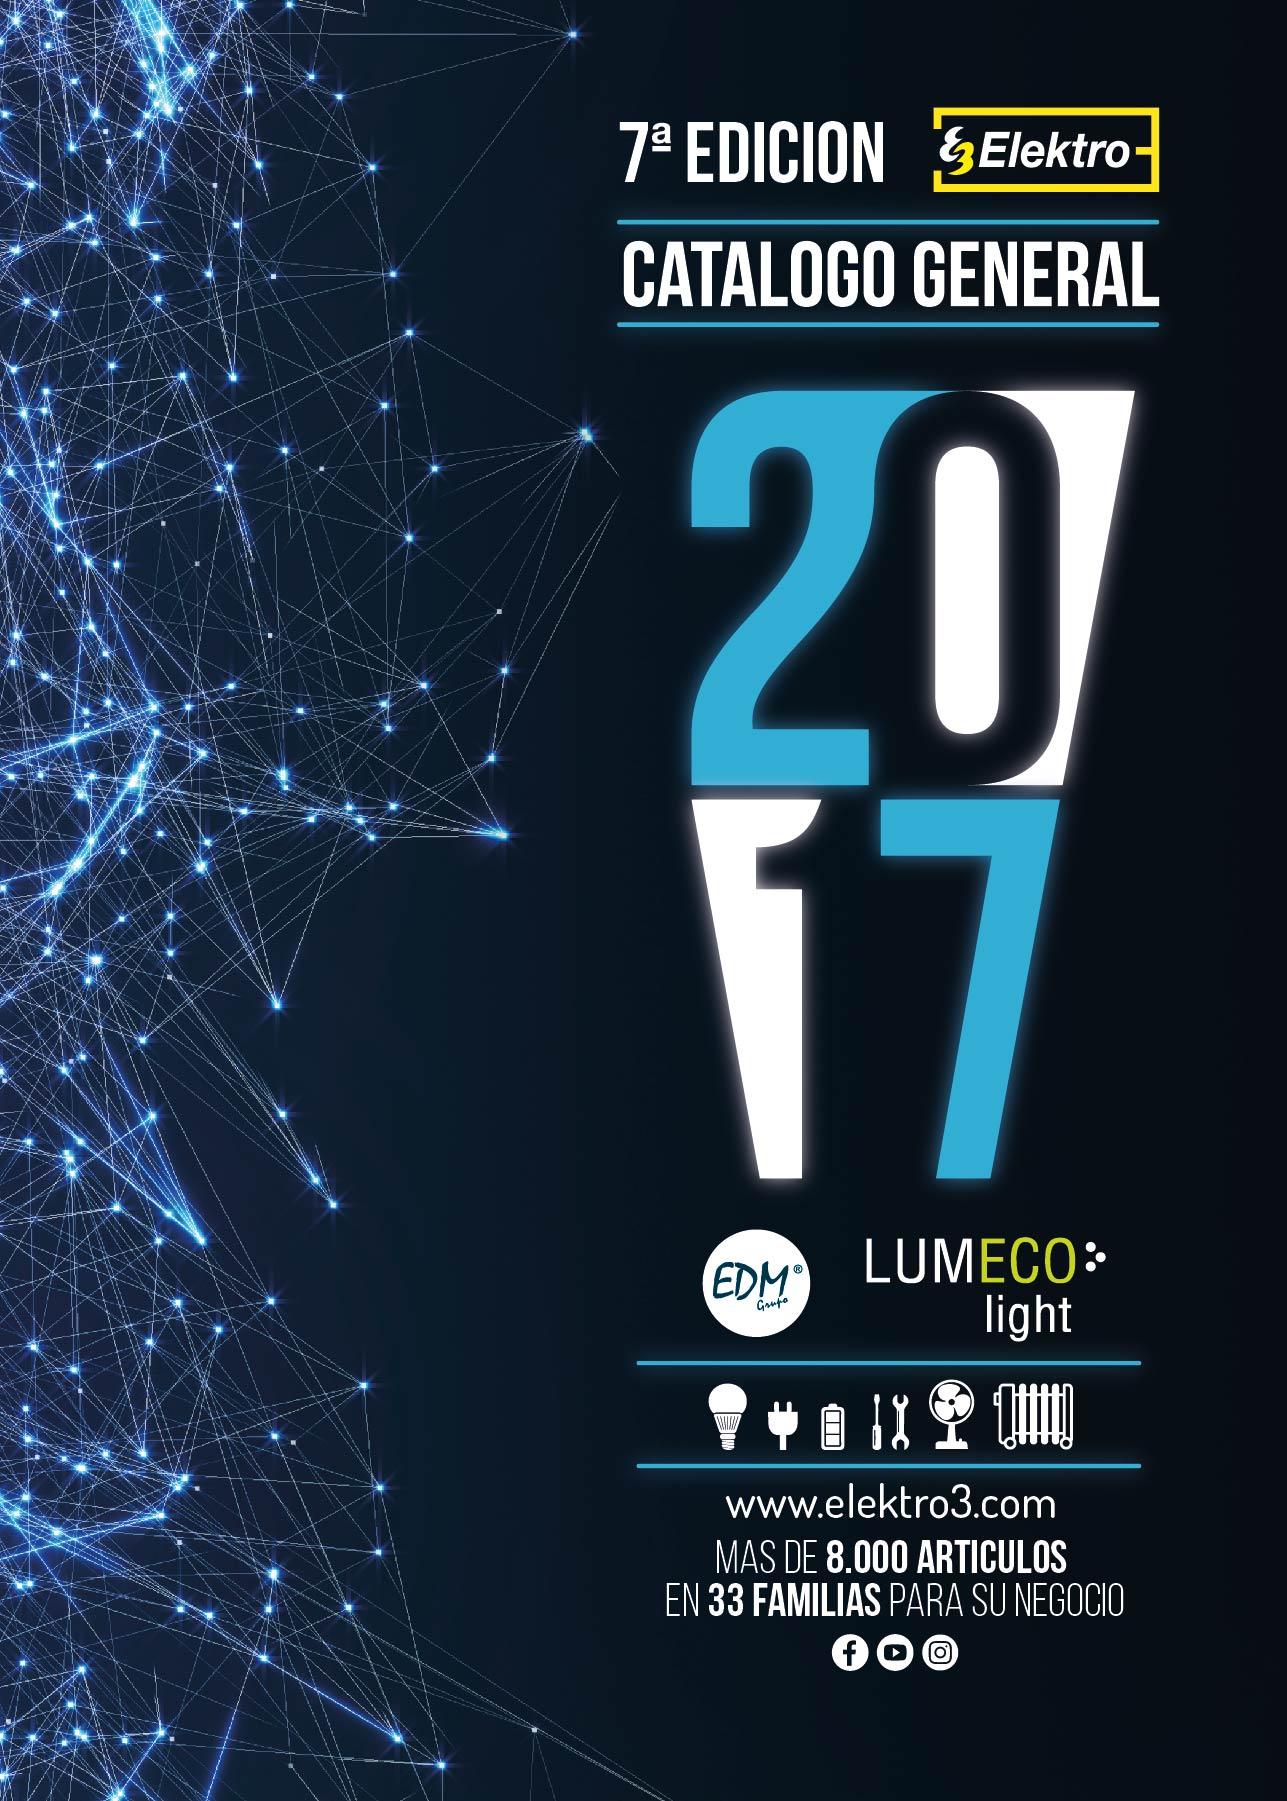 Nuevo catálogo general Elektro3 2017!!!